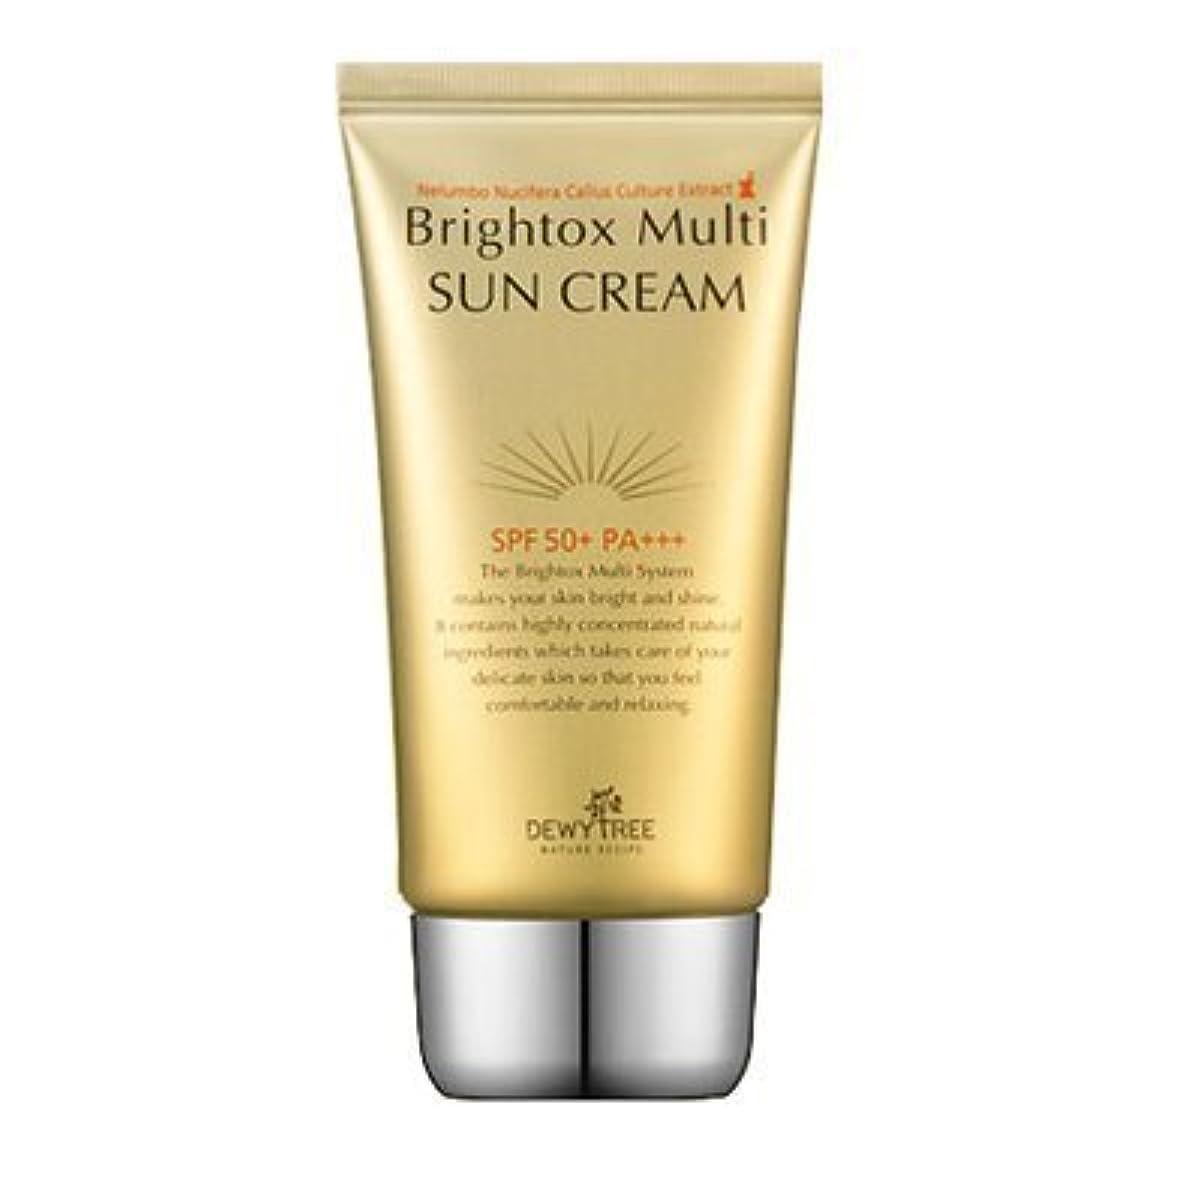 中央メルボルン復讐Dewytree Brightox Multi SUN CREAM SPF50+, PA+++50ml